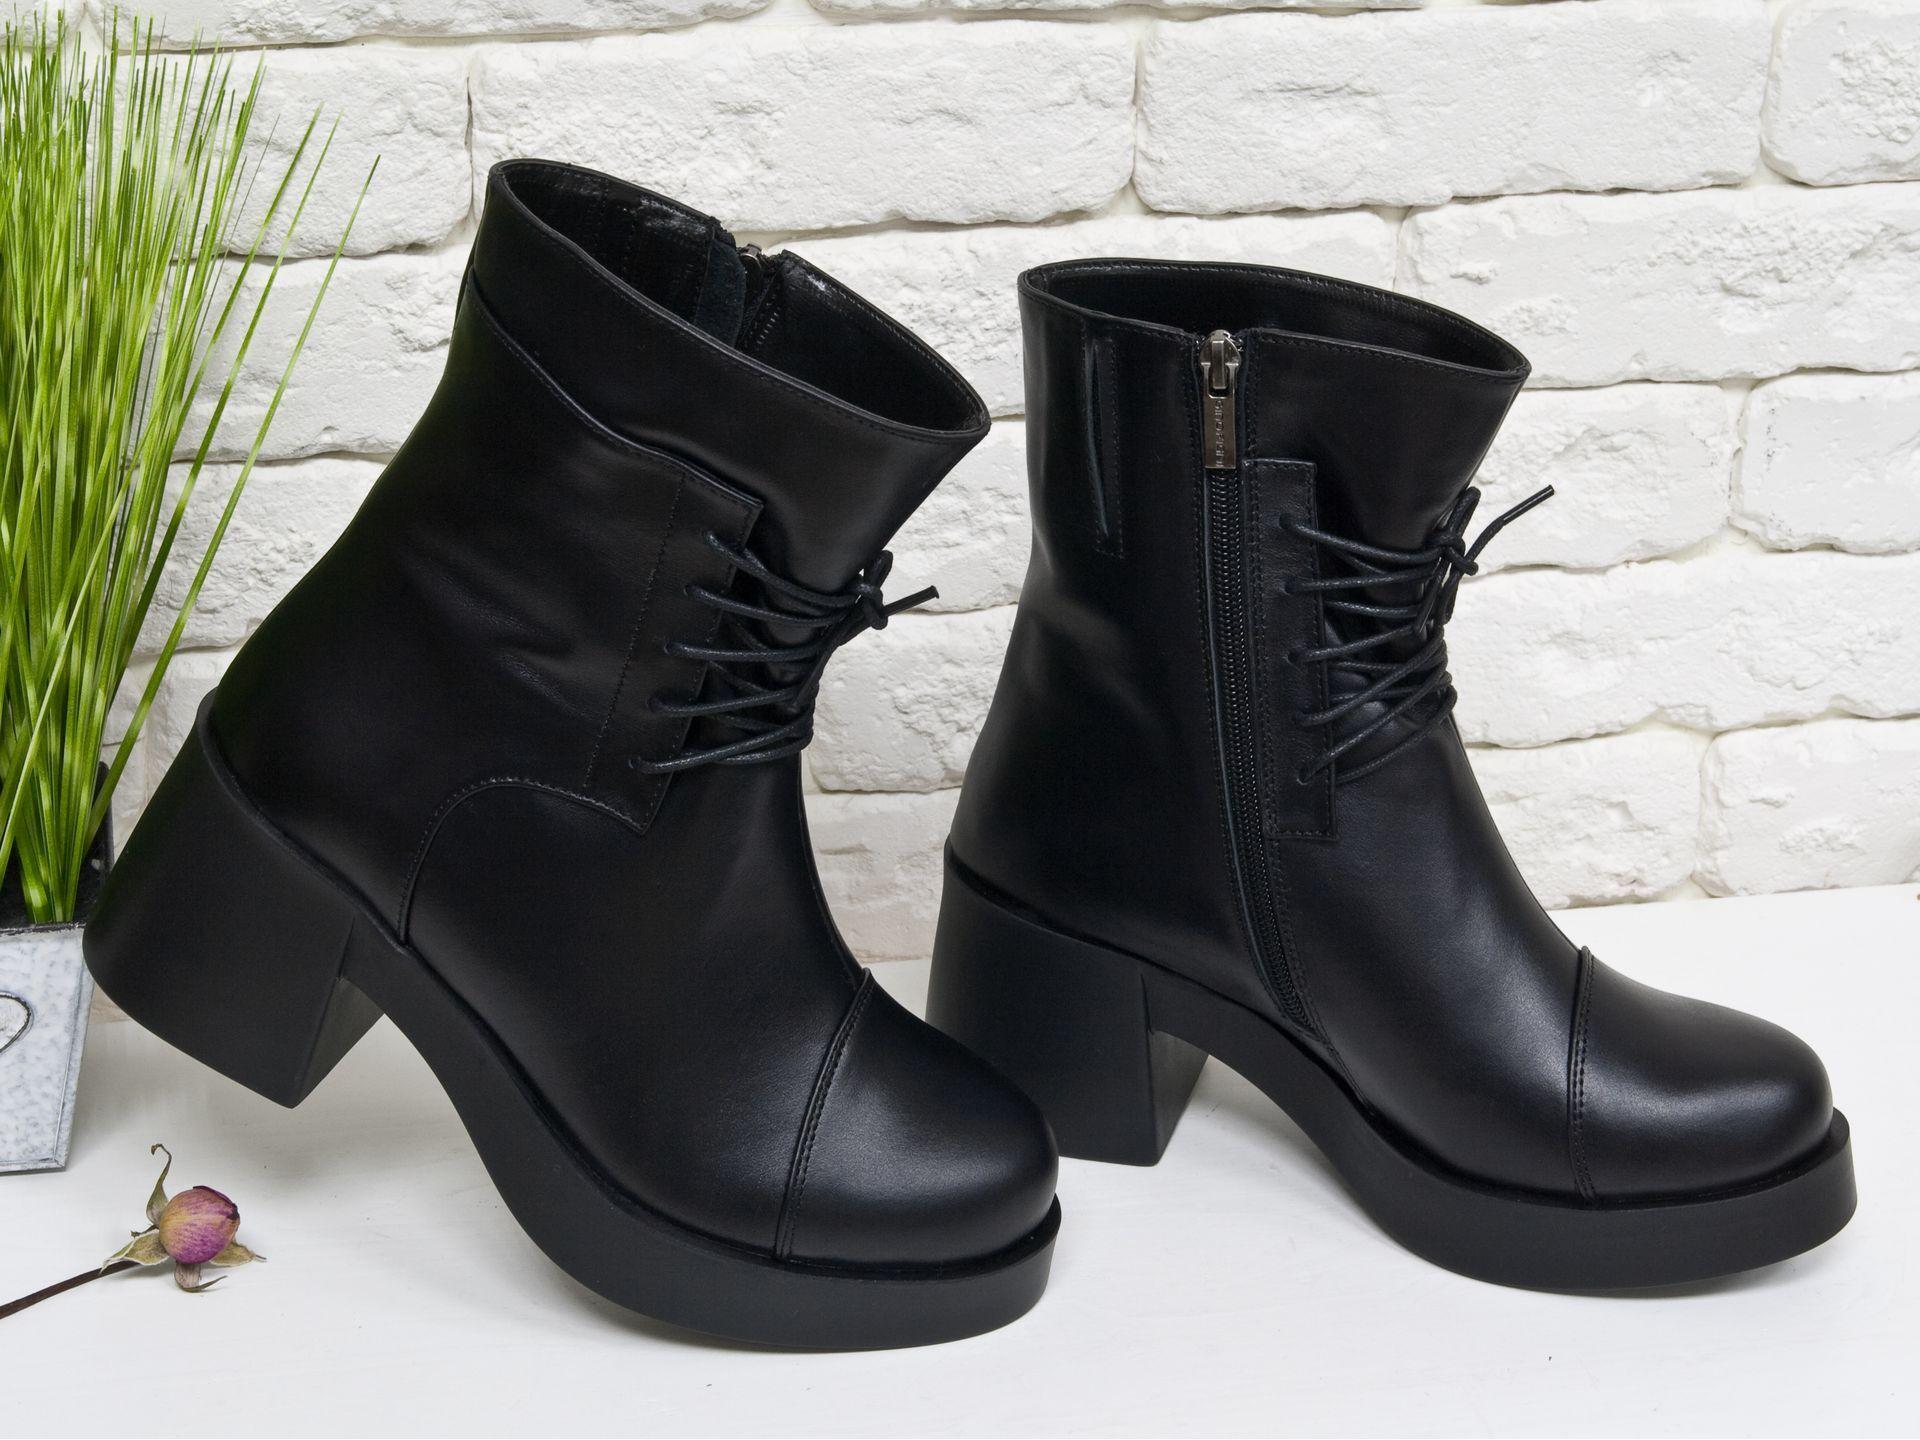 6530b235d269 Snosu net-качественная кожанная обувь — Клуб экономных родителей